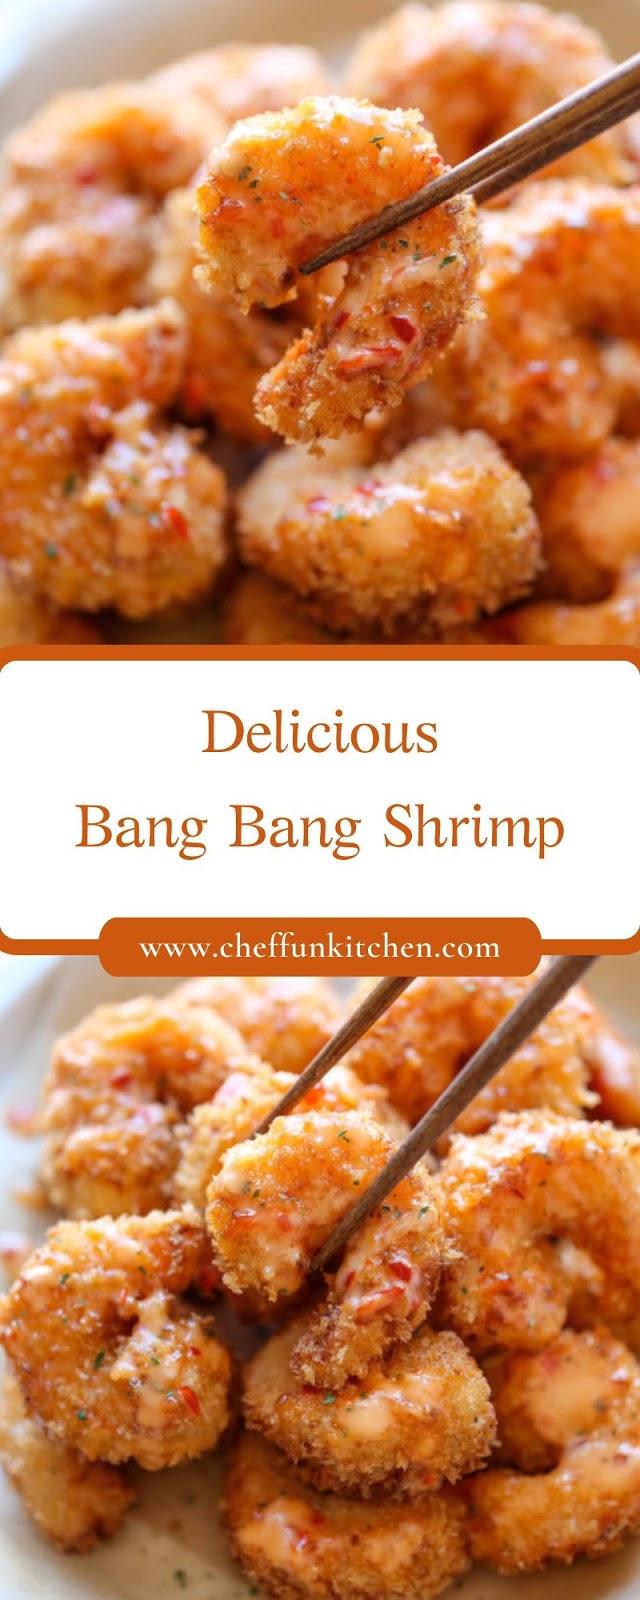 Delicious Bang Bang Shrimp